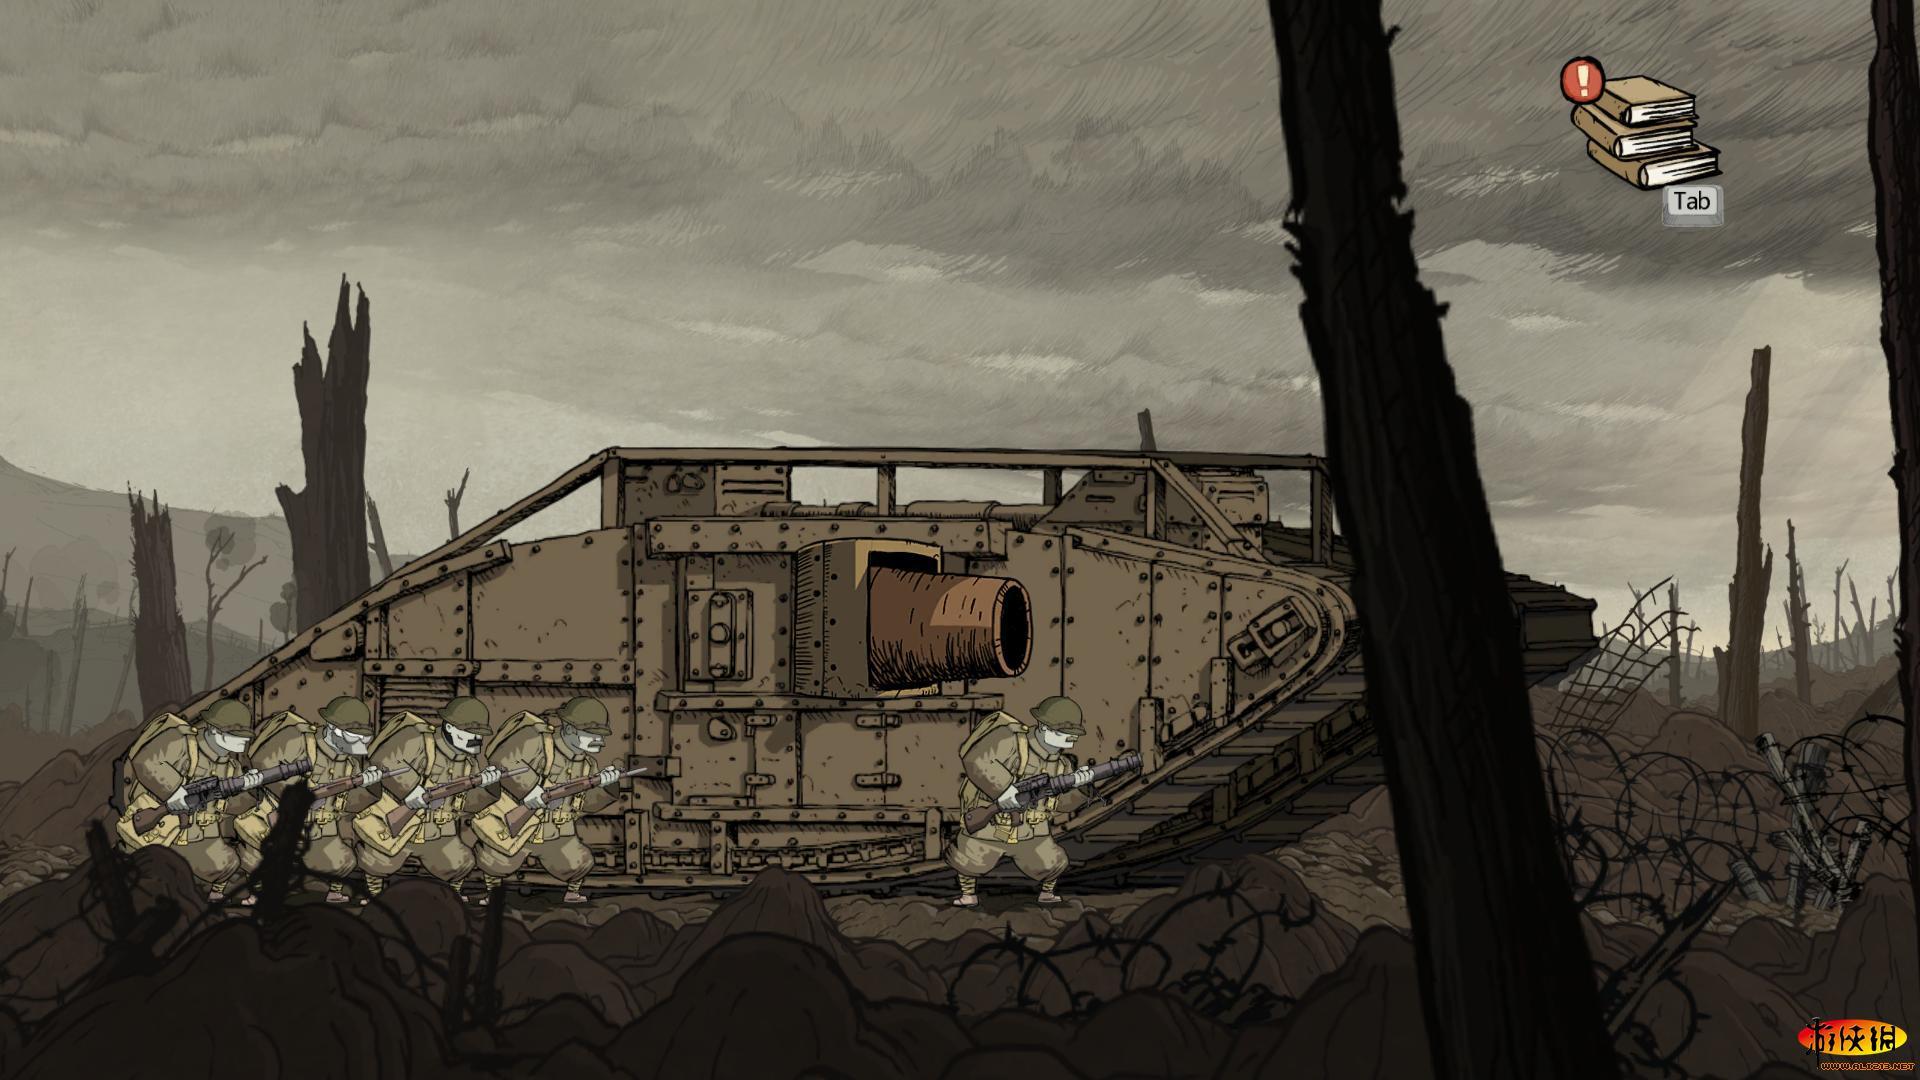 2014-07-01 勇敢的心世界大战游戏进不去,双击没反应的解决办法 2014